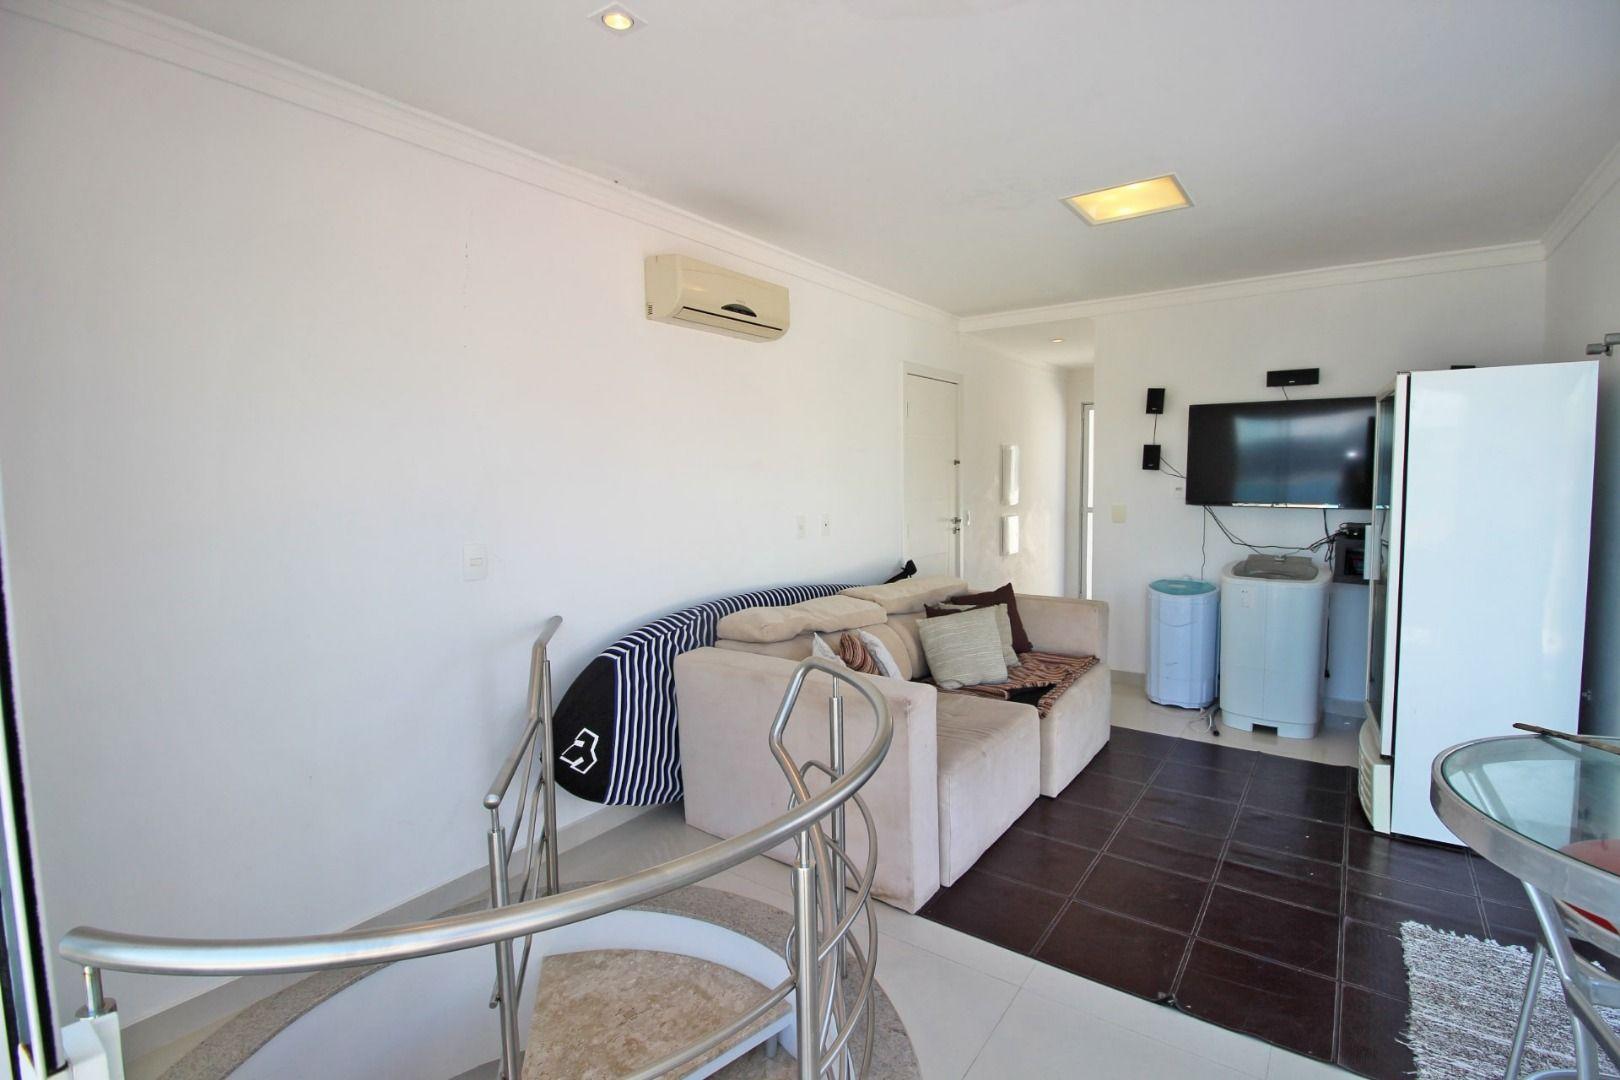 Cobertura com 3 Dormitórios à venda, 196 m² por R$ 2.800.000,00